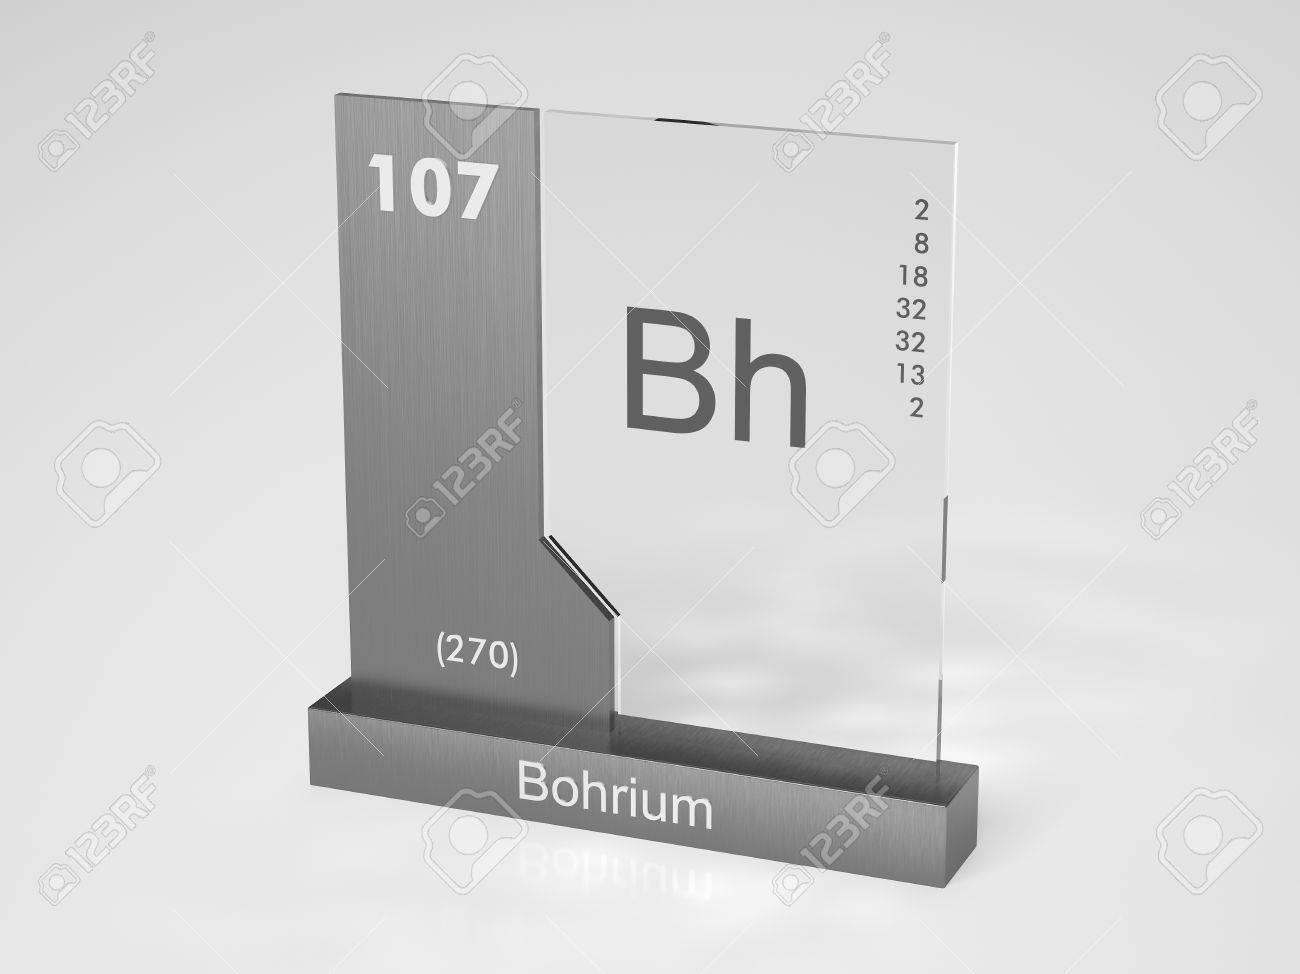 Rutherfordium periodic table gallery periodic table images bohrium symbol bh chemical element of the periodic table stock bohrium symbol bh chemical element of gamestrikefo Images